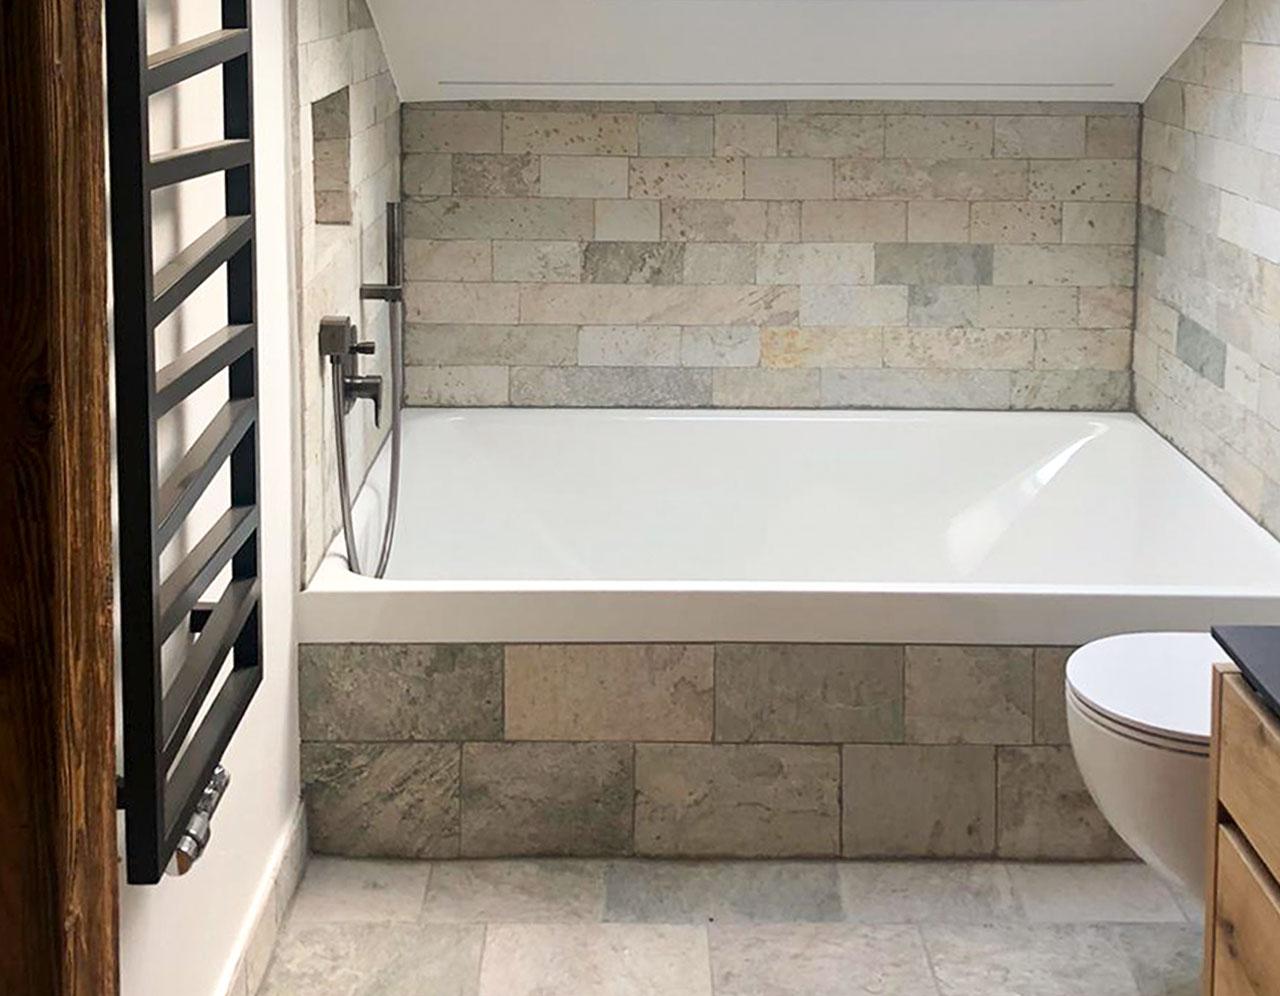 Natursteinverlegung, Bodenplatten, Badsanierung, Silberquarzit,Privathaushalt, Pfitsch, 20210320-wa0018, Home, 1280x996px